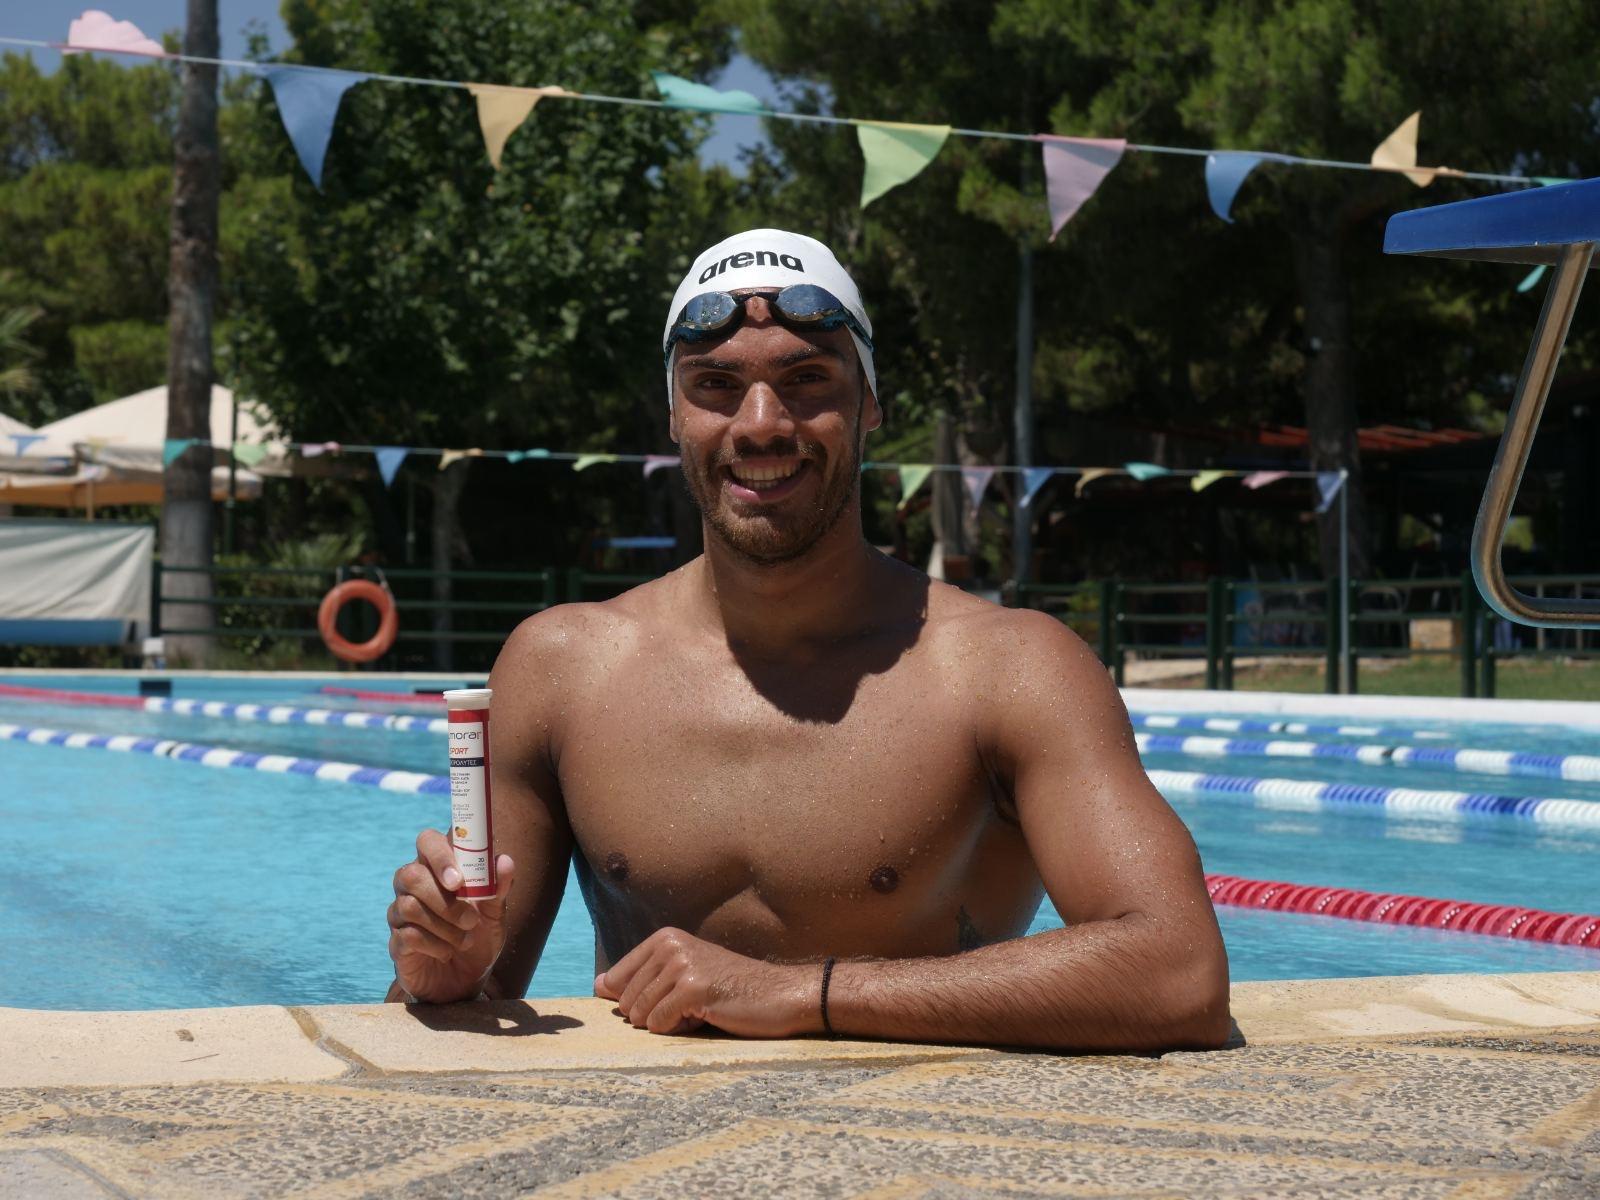 Ο πρωταθλητής κολύμβησης Ανδρέας Βαζαίος πρεσβευτής του almora PLUS® SPORT